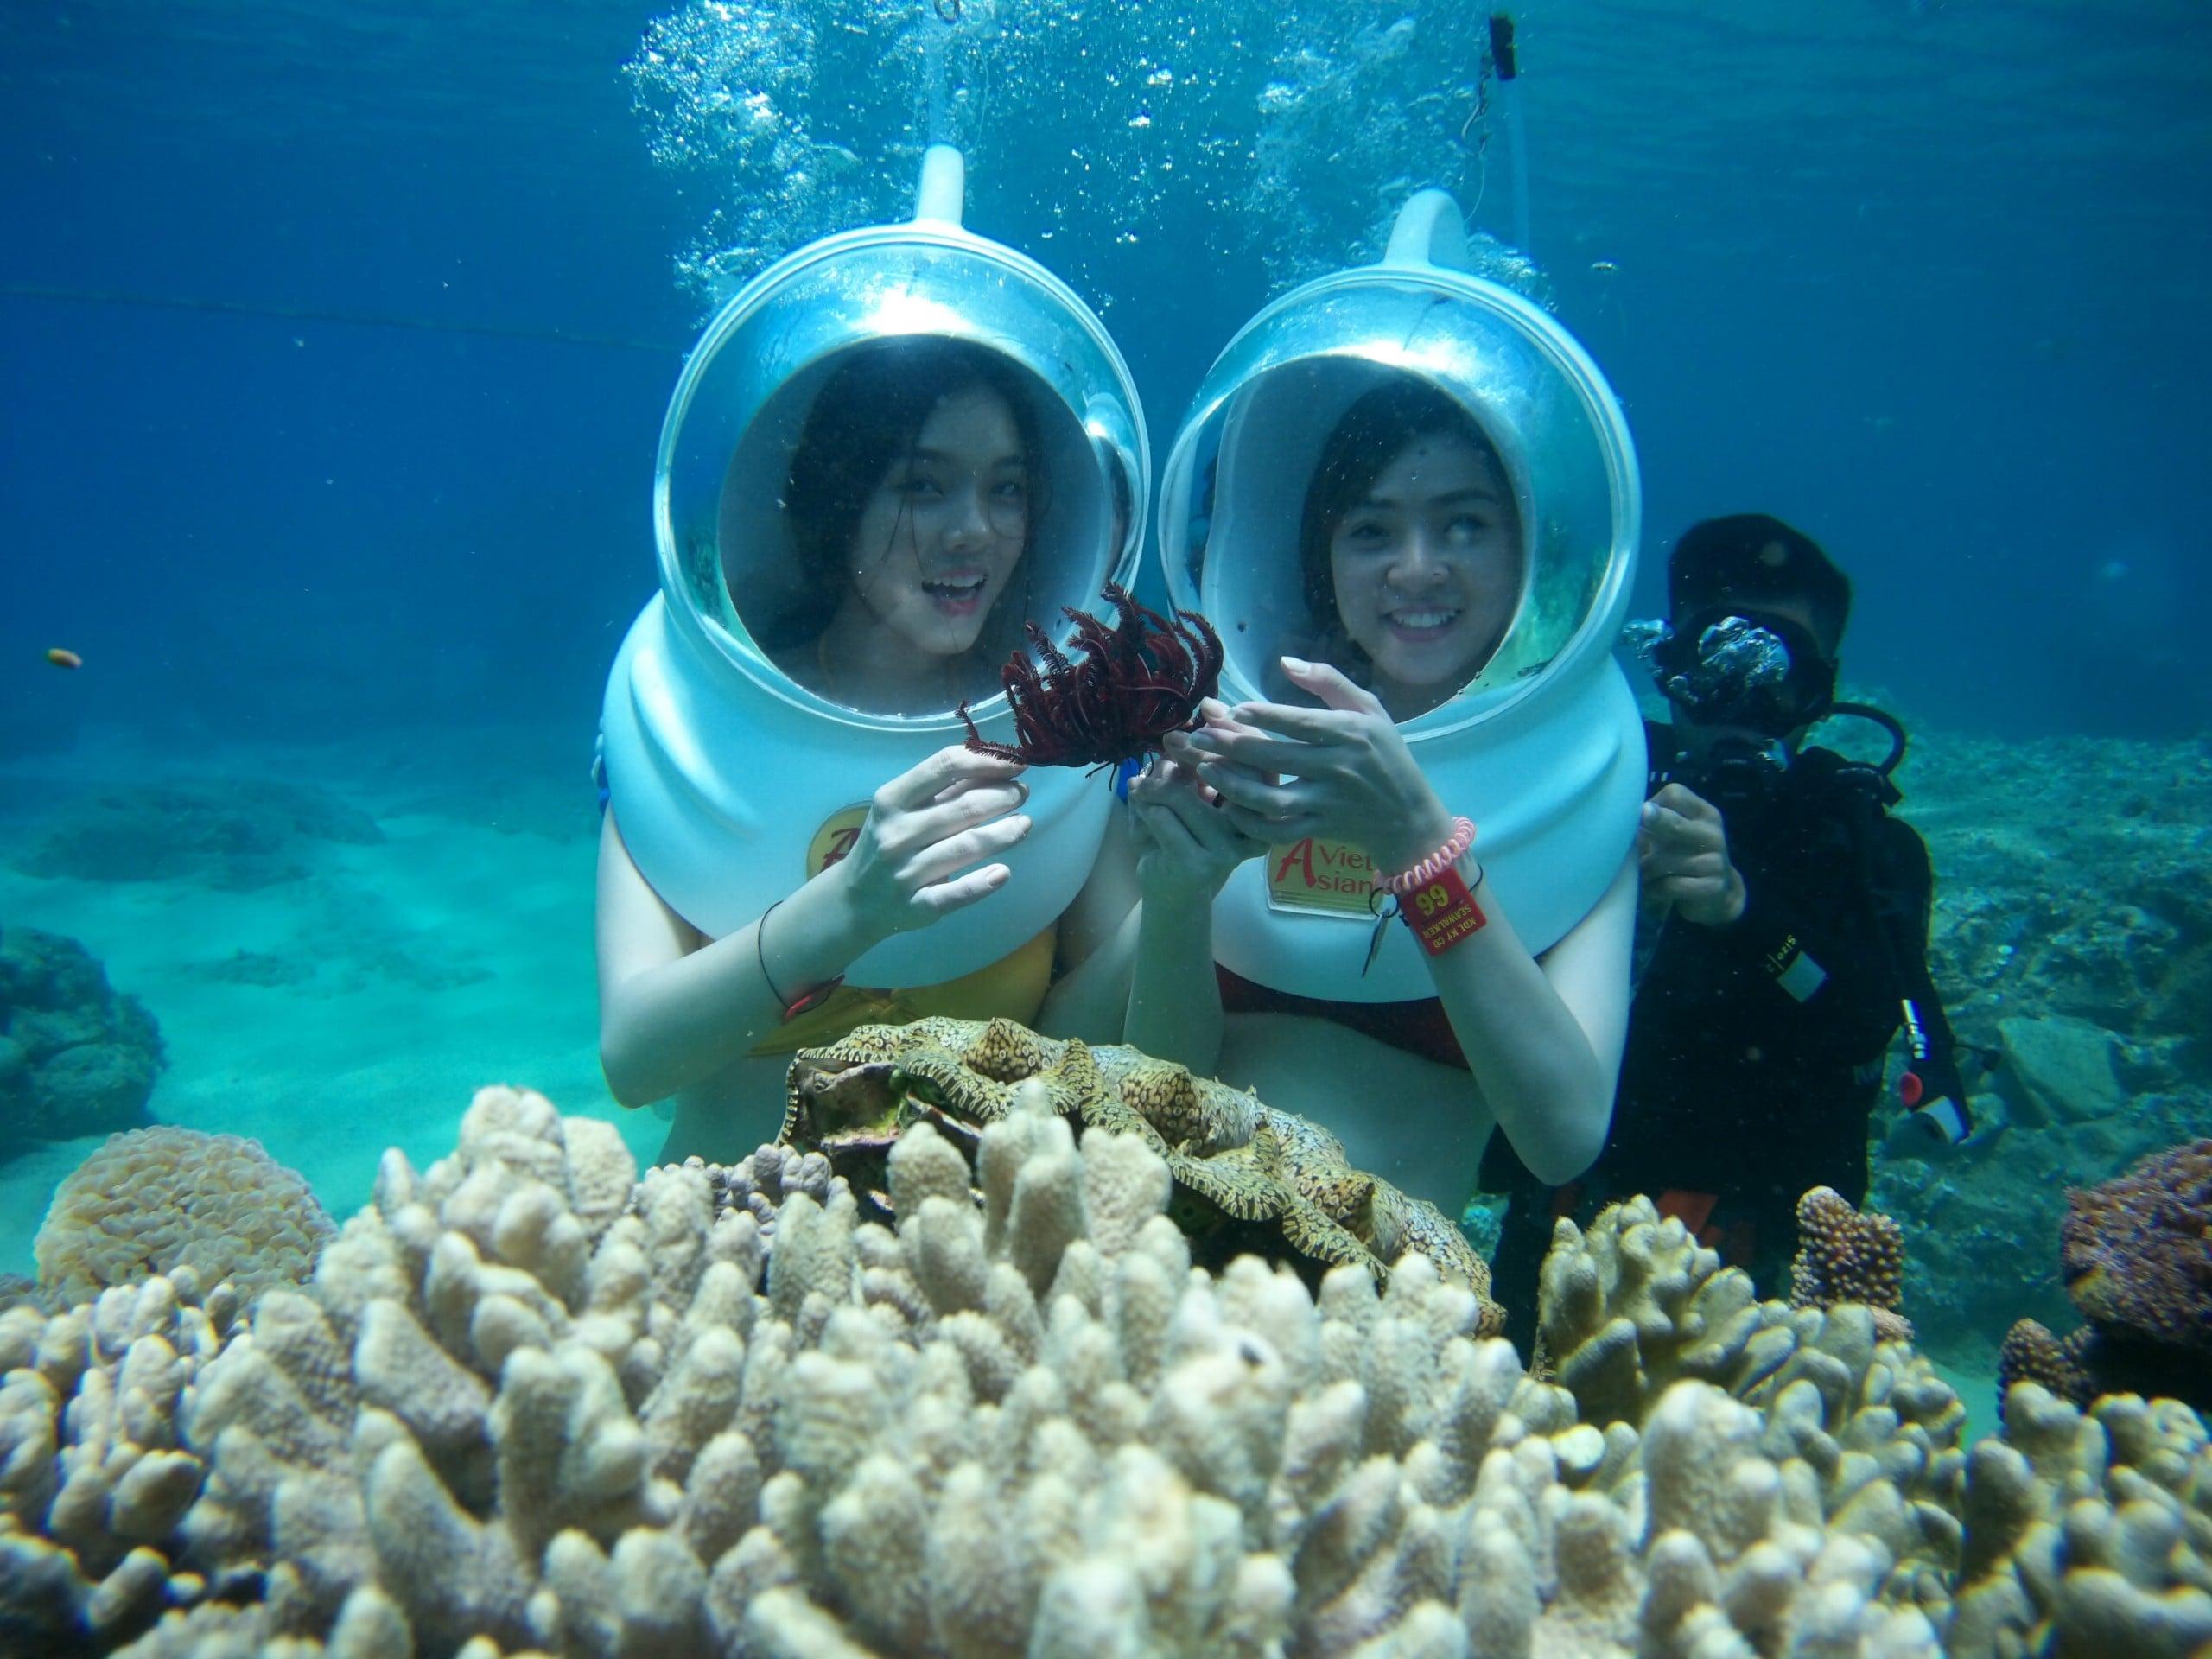 Trải nghiệm đi bộ dưới đáy biển ngắm san hô ở Phú Quốc 1